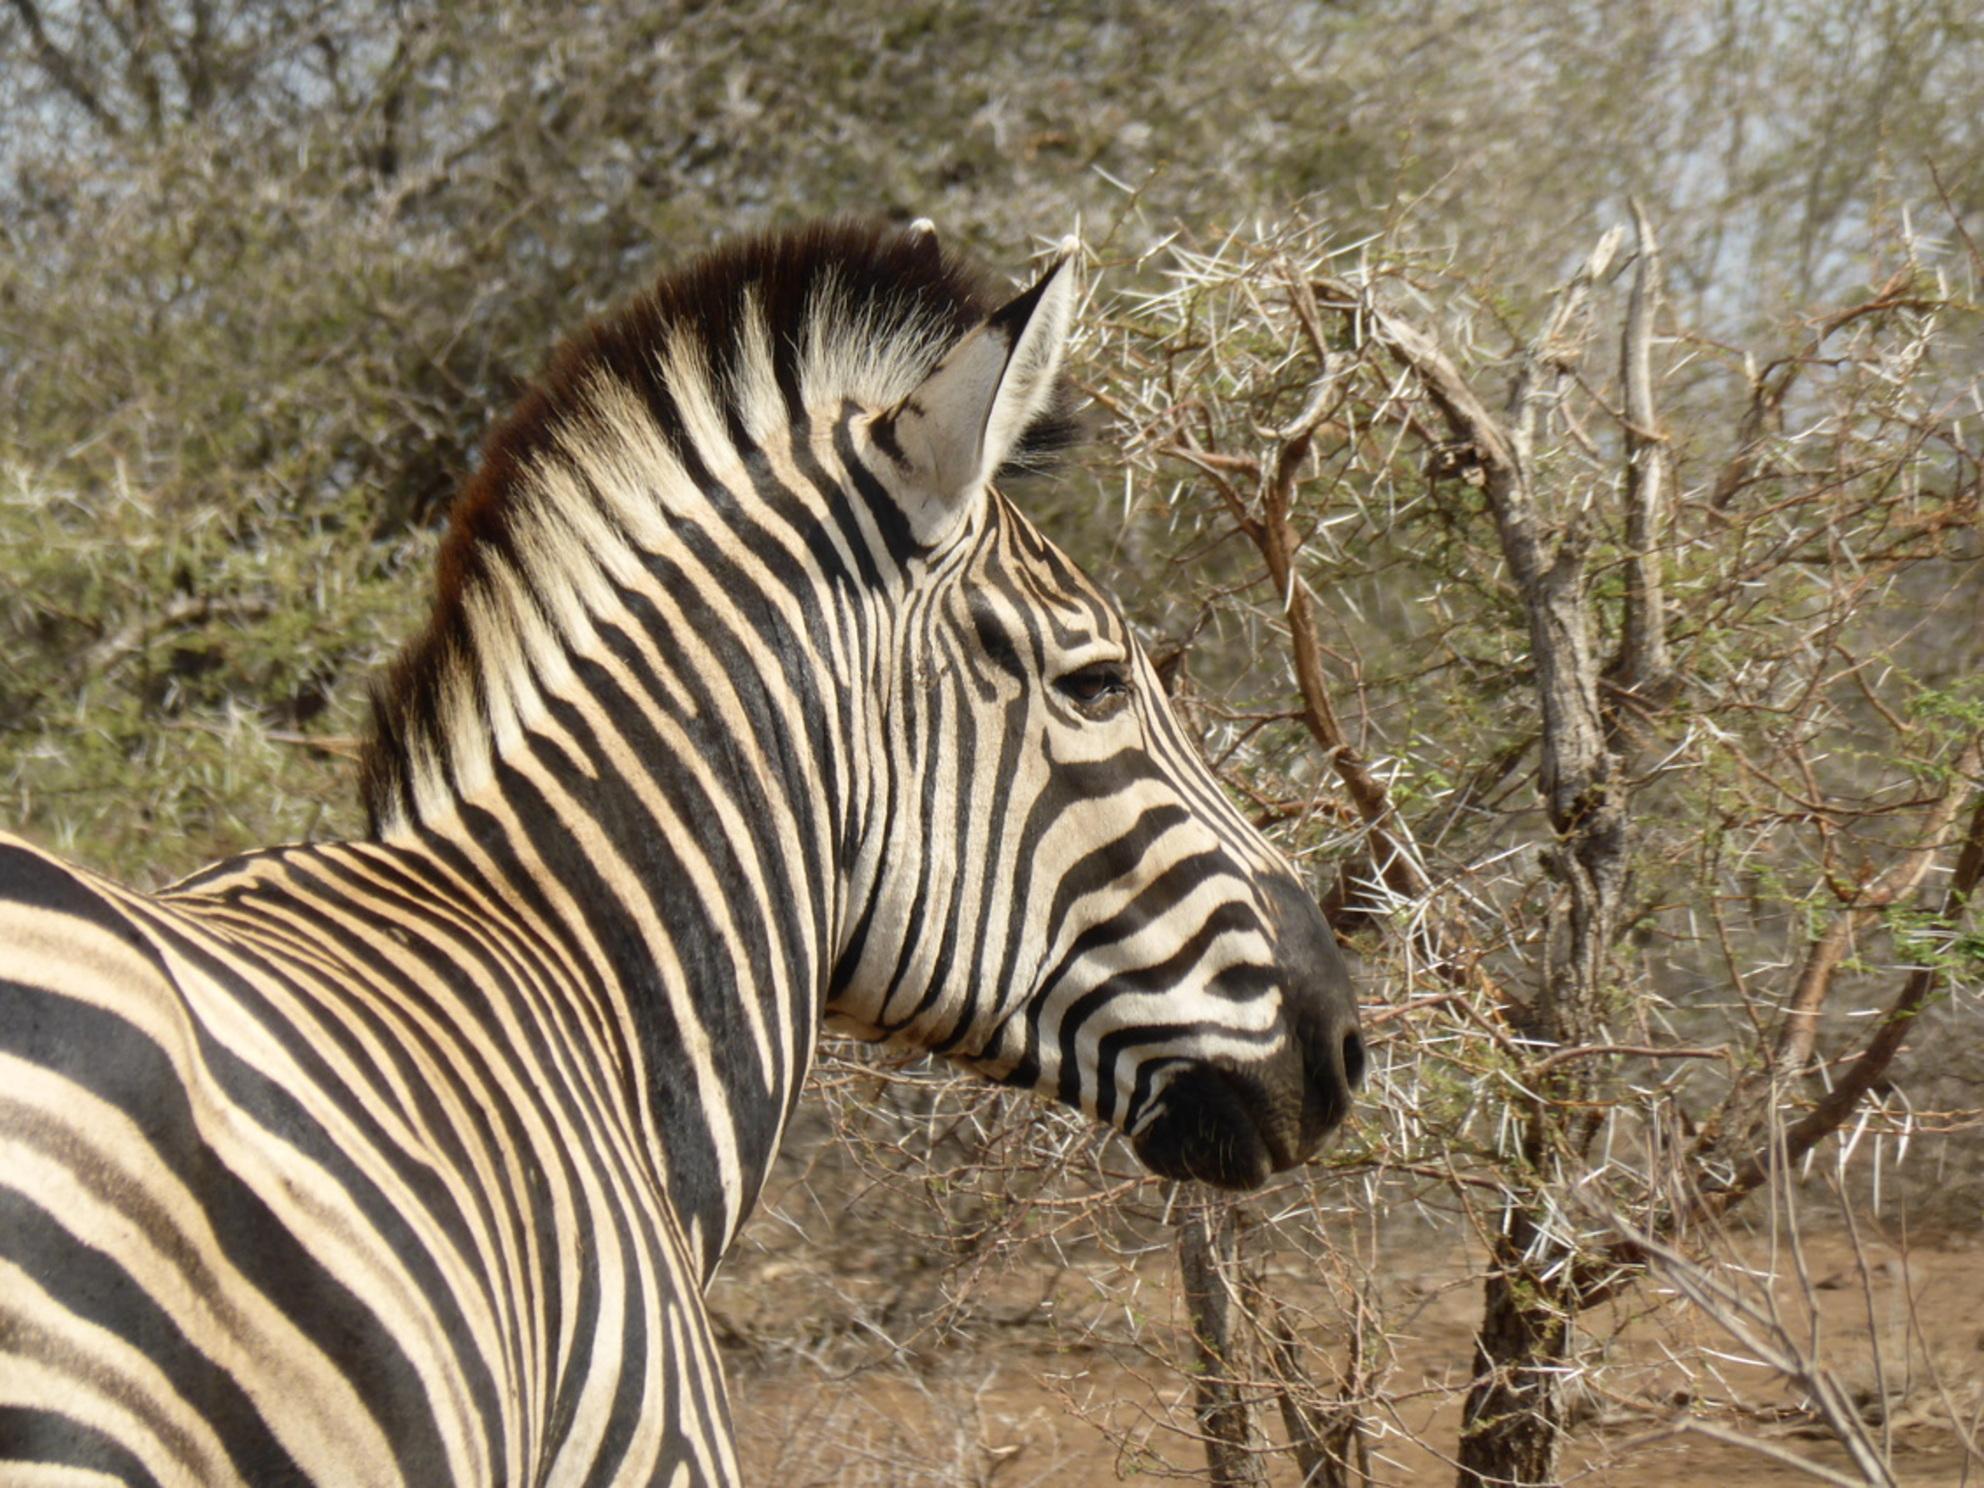 Up close Zebra - Prachtige up close foto van een zebra - foto door corbie op 25-02-2017 - deze foto bevat: natuur, dieren, safari, afrika